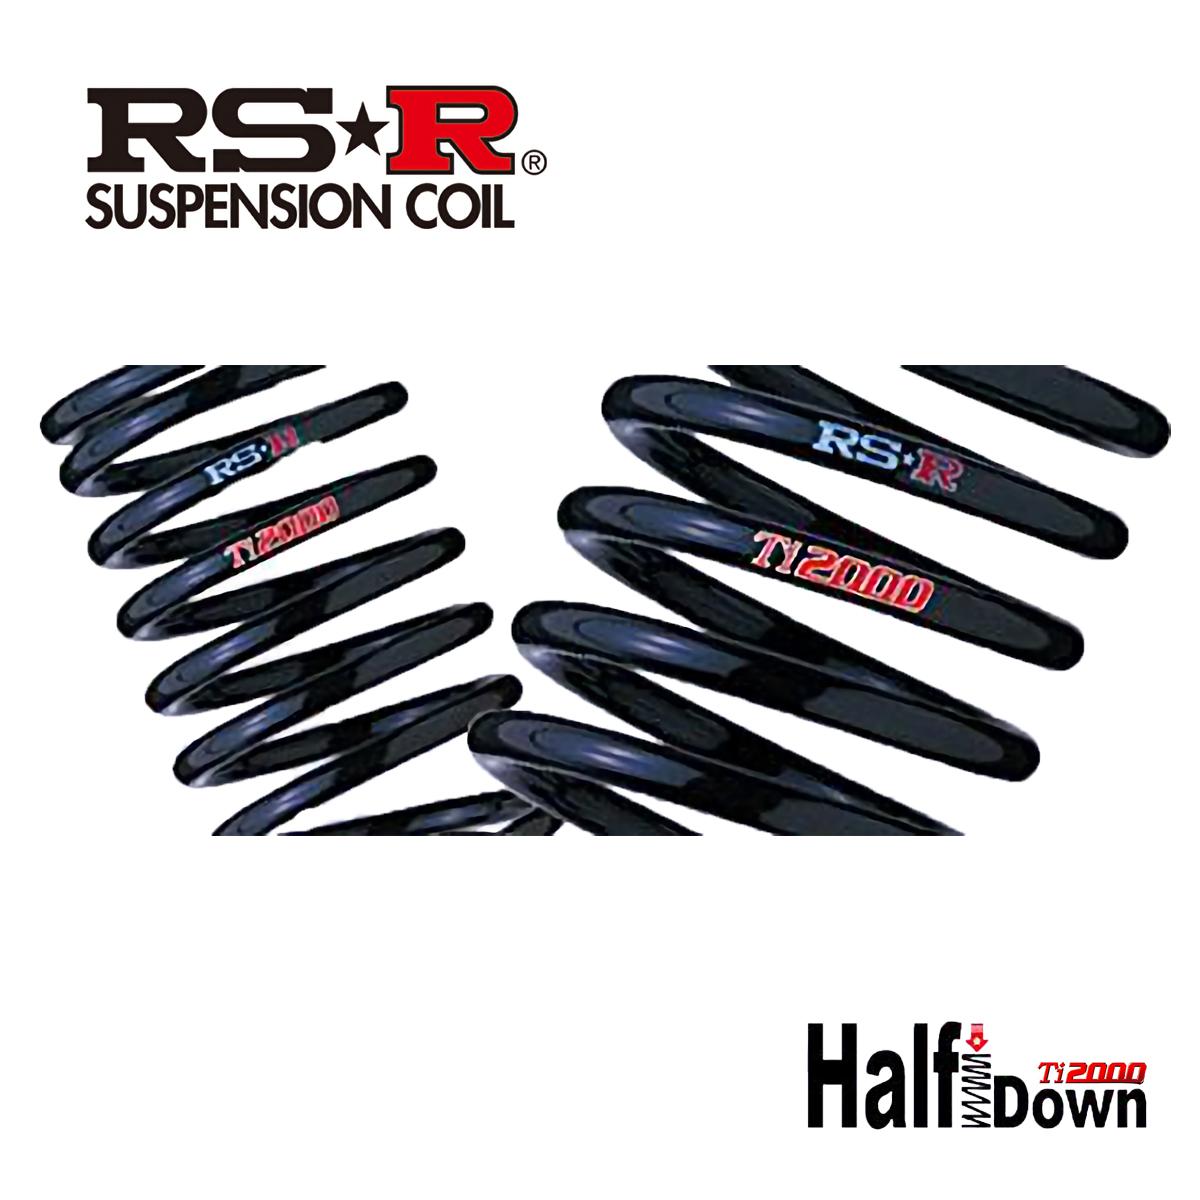 RS-R ヴェルファイアハイブリッド AYH30W ハイブリッドZR ダウンサス スプリング フロント T948THDF Ti2000 ハーフダウン RSR 個人宅発送追金有